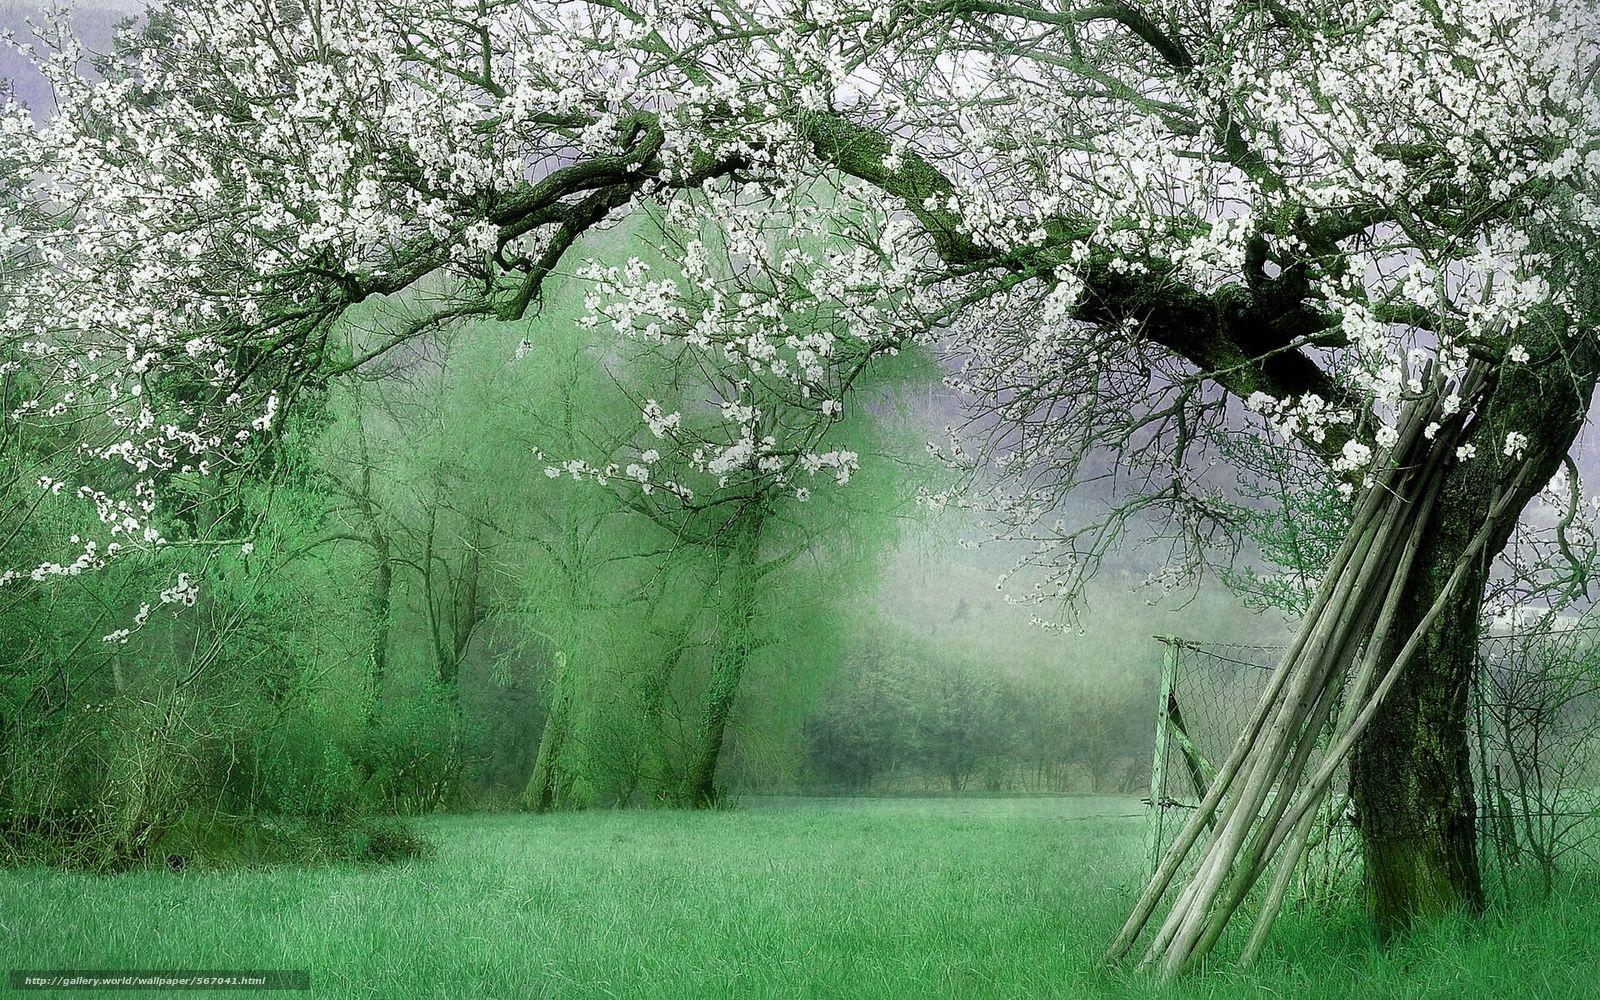 Scaricare gli sfondi primavera paesaggio giardino for Immagini primavera desktop